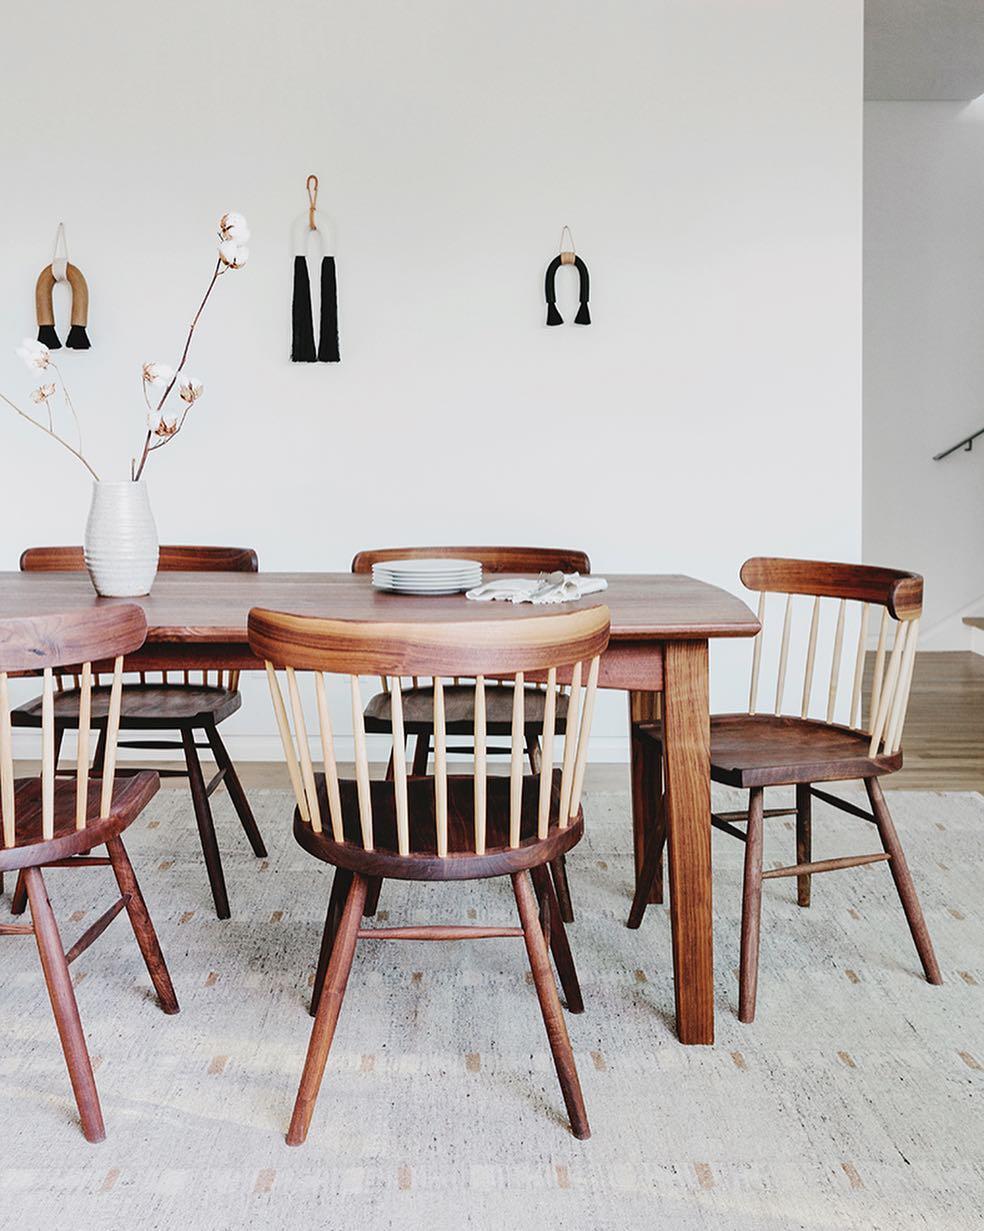 10 Inspiring Mid-Century Dining Room Ideas_9